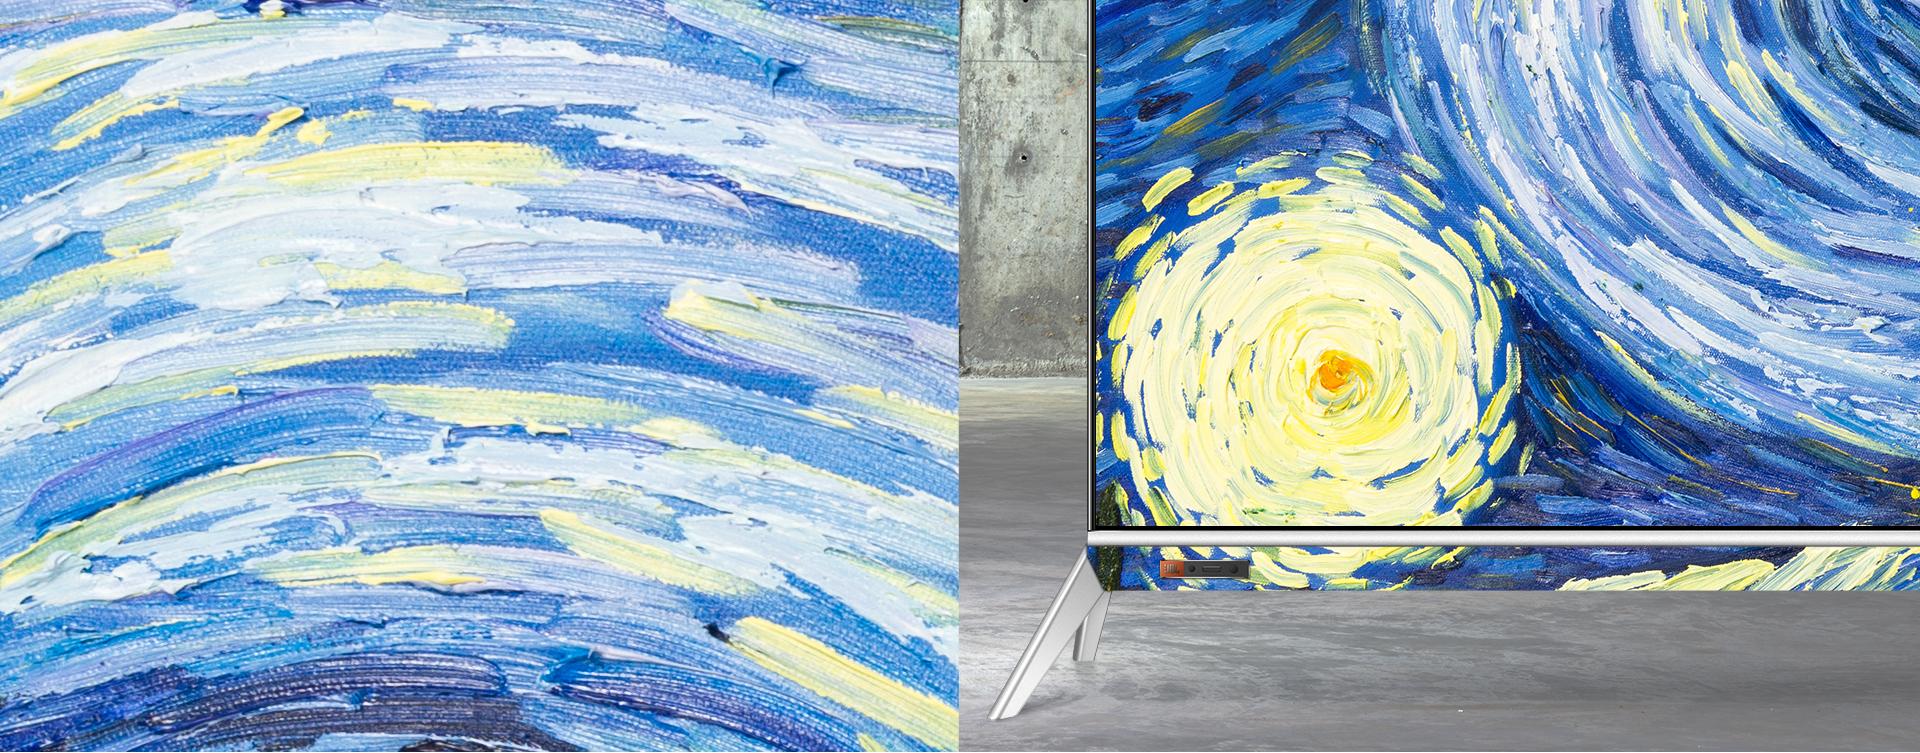 酷开T55 油画装饰  艺术生活